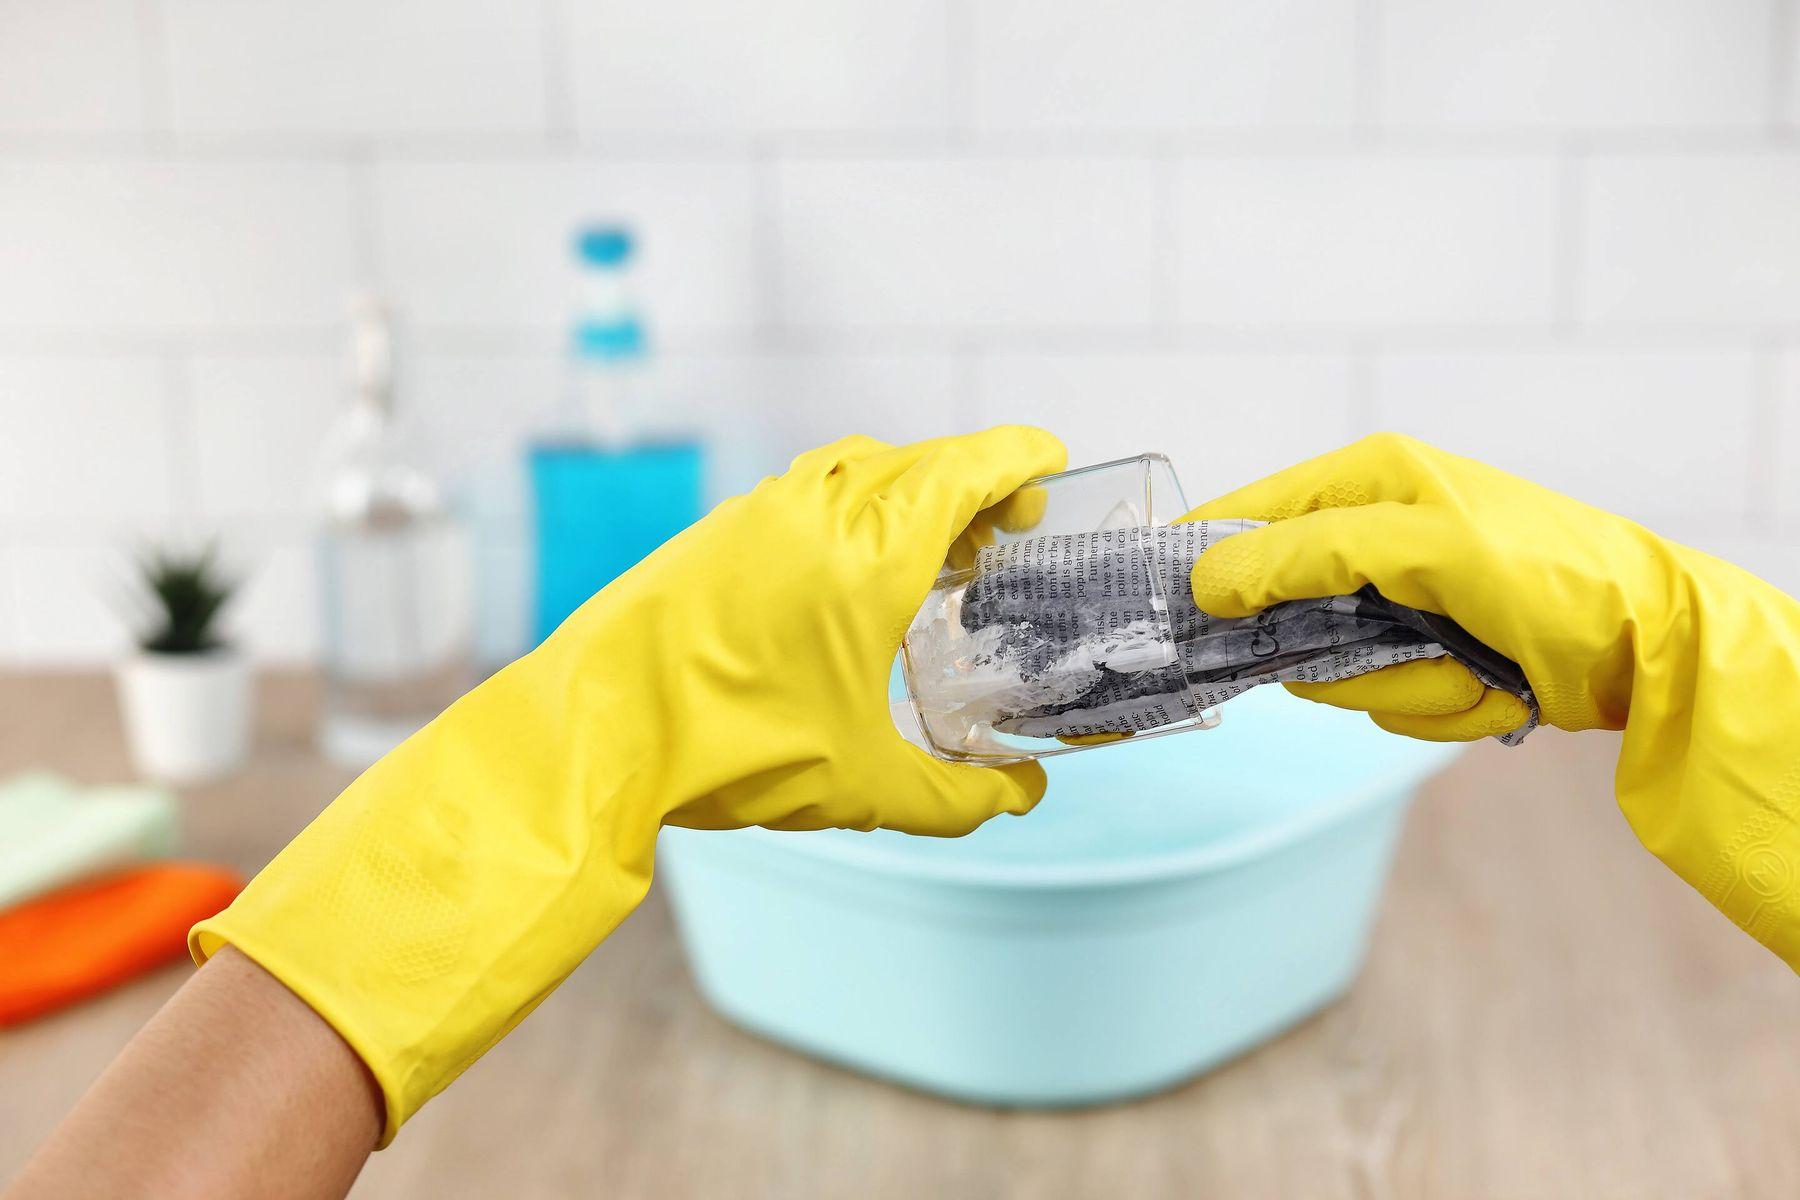 đeo găng tay khi rửa chén